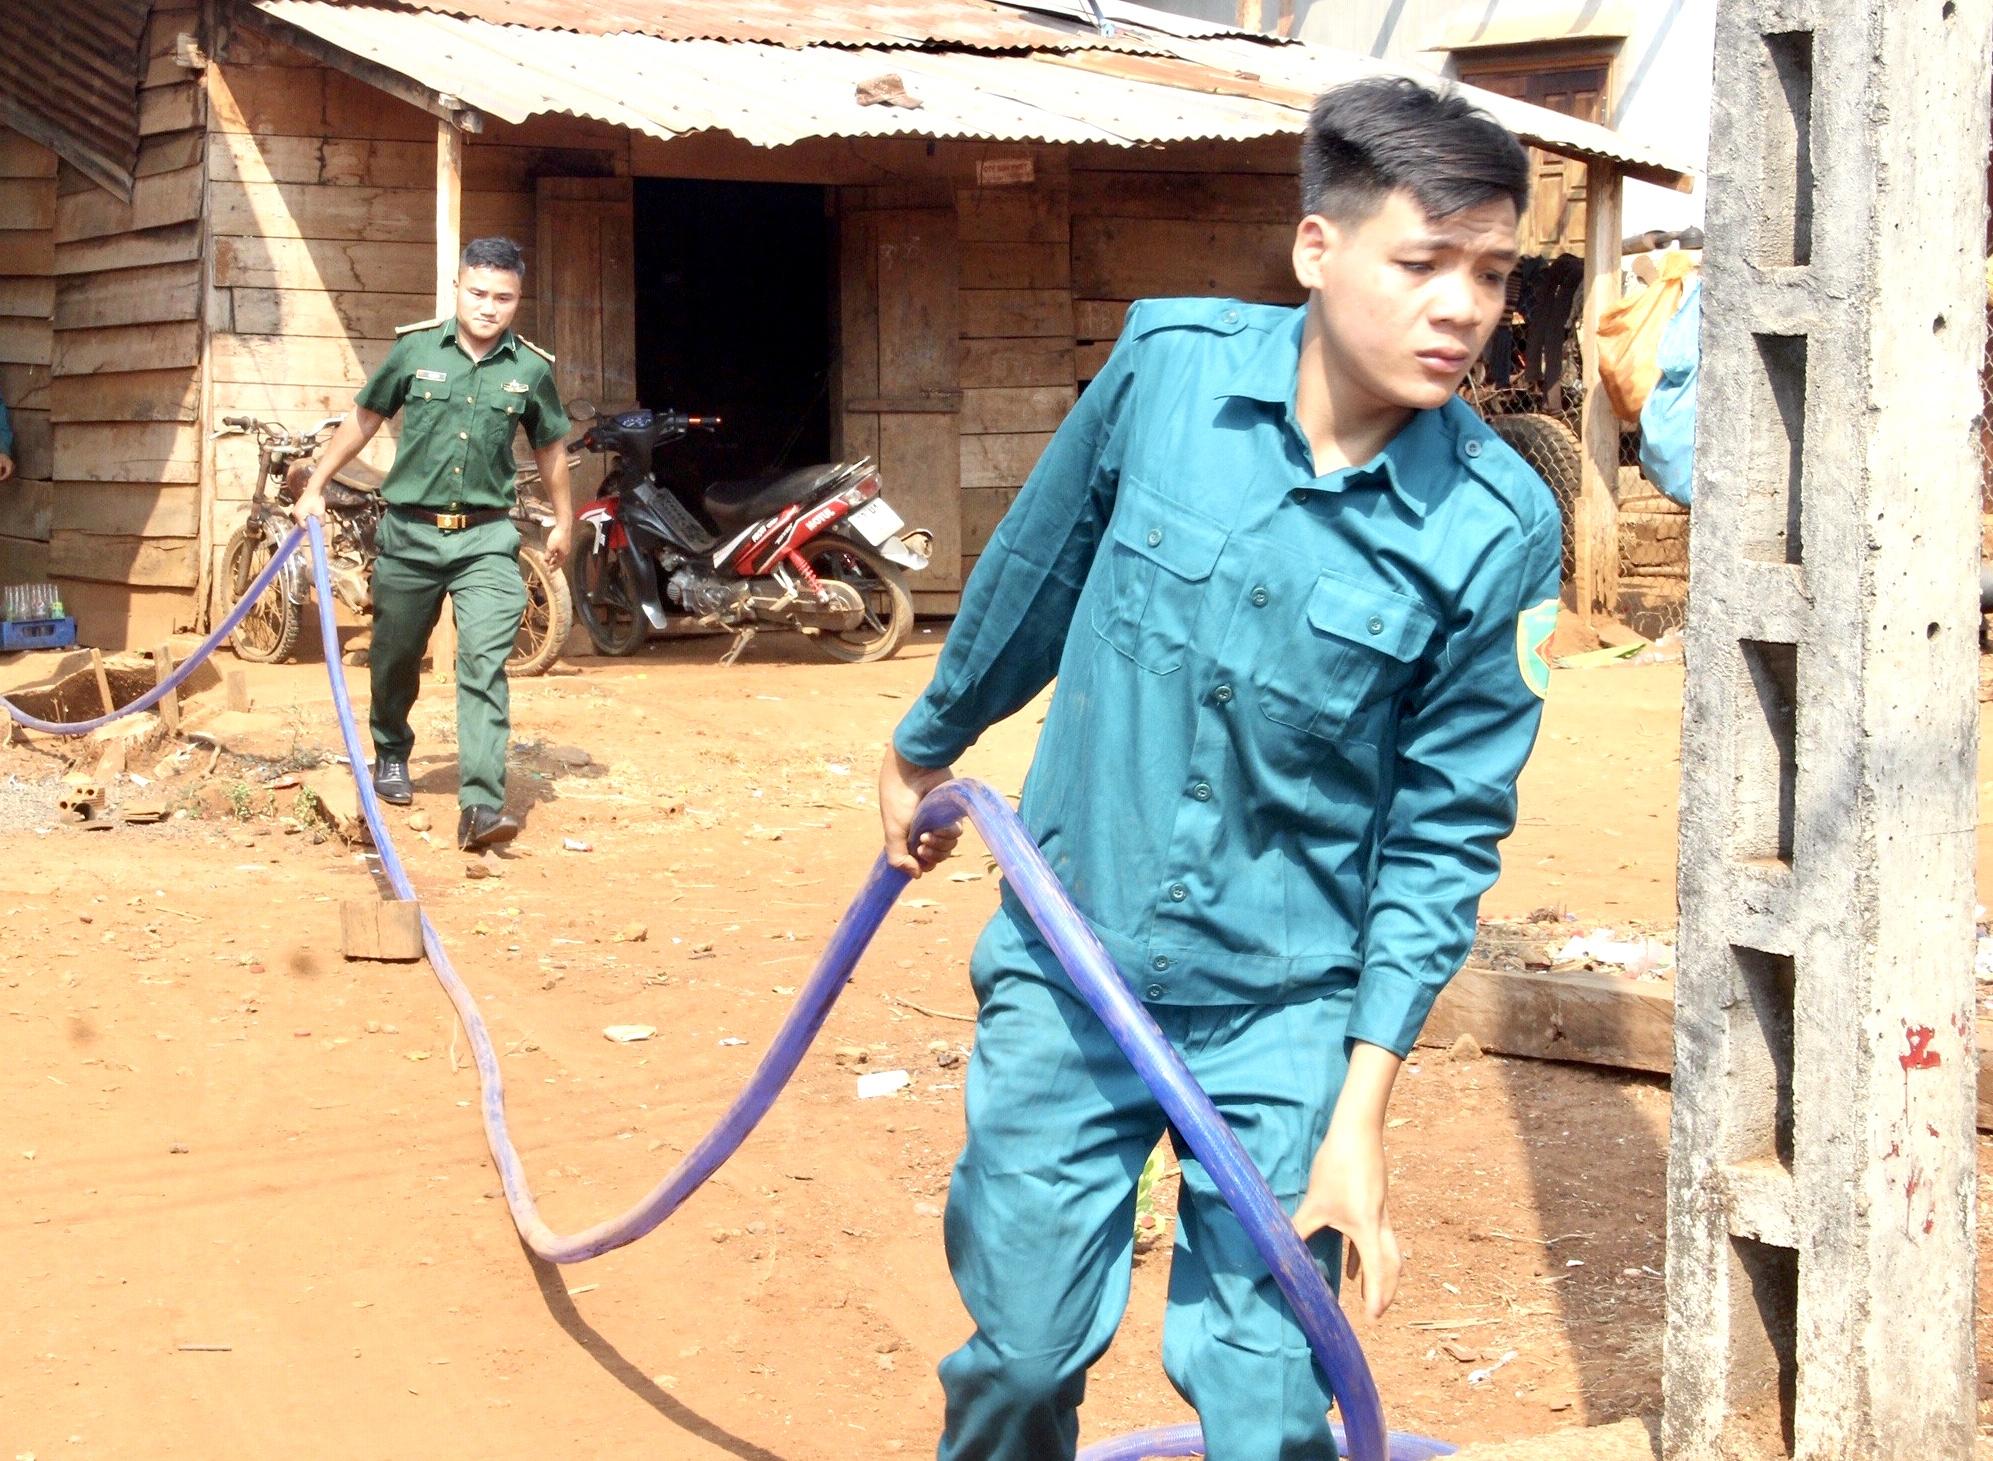 Với hơn 320 hộ thiếu nước nhưng chỉ có 1 xe vận chuyển nên các lực lượng làm việc cả giờ nghỉ trưa nhằm cung cấp đủ cho nhu cầu sử dụng của người dân nghèo ở xã Bù Gia Mập